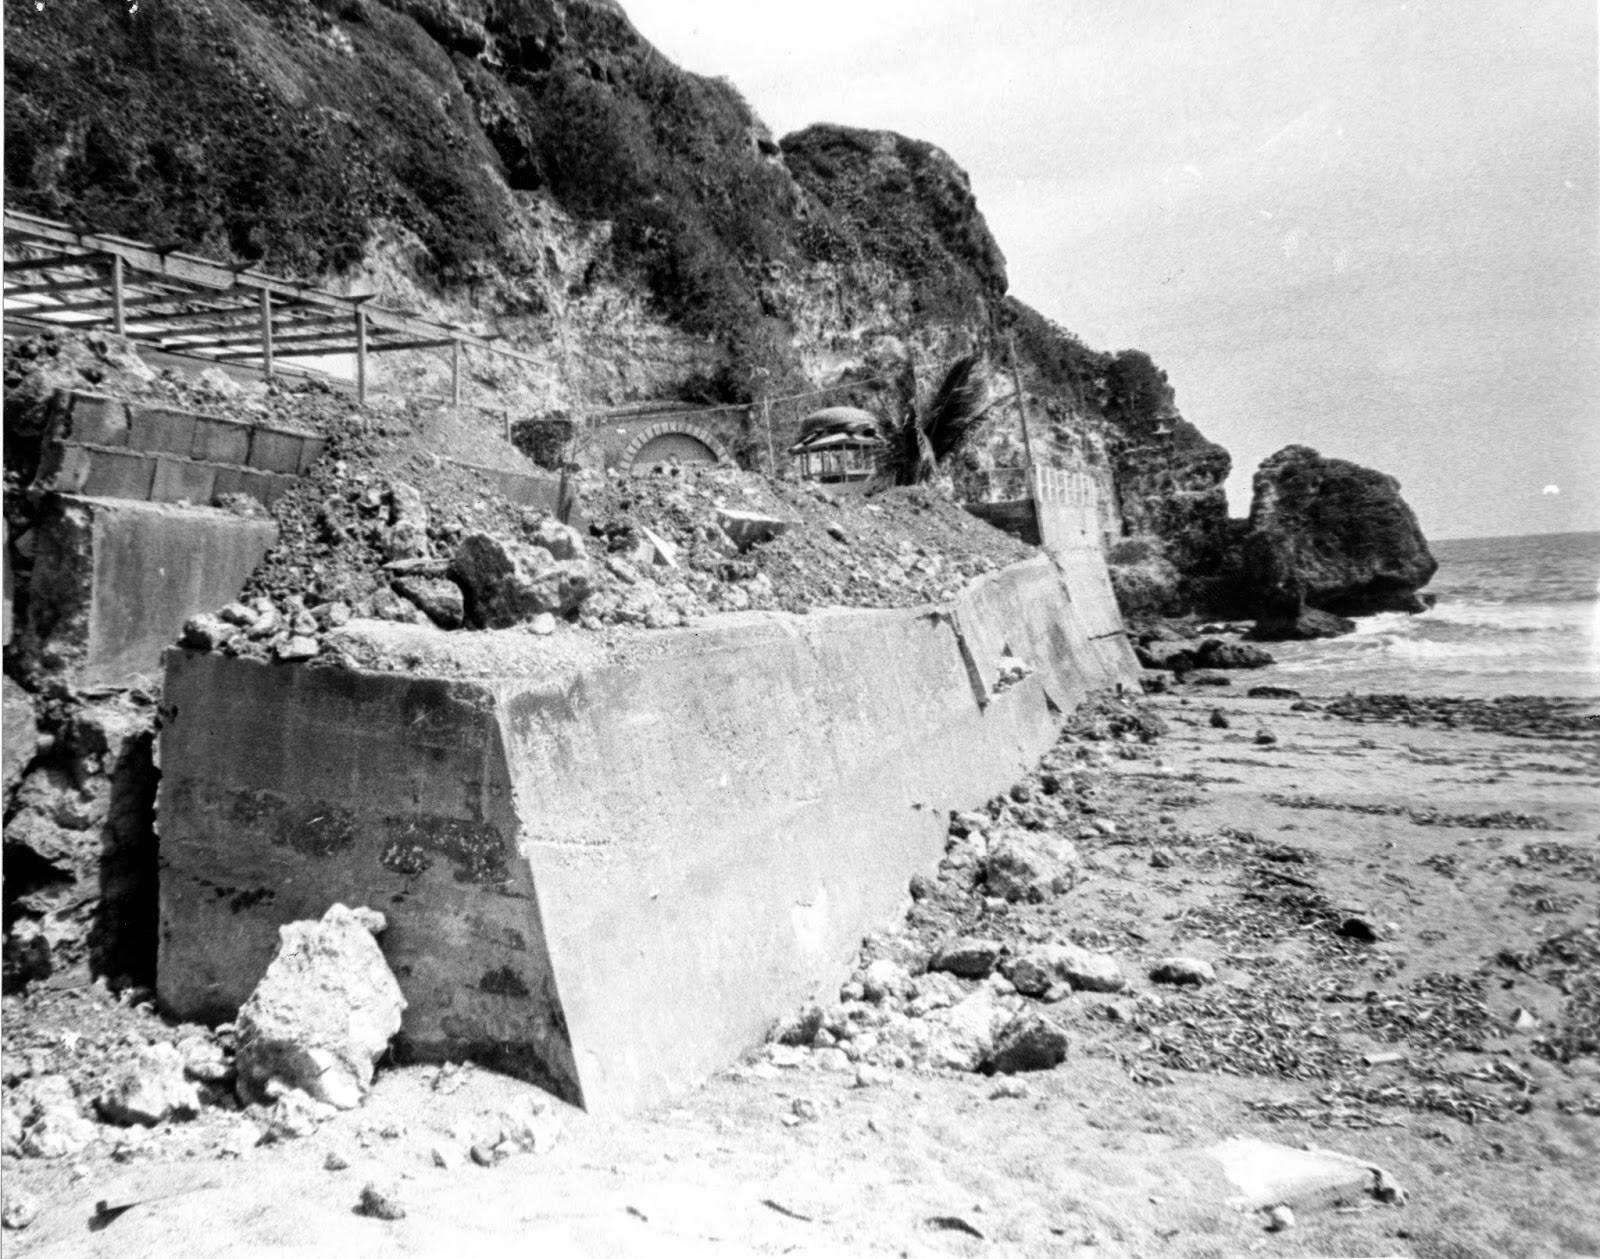 Derrumbe del terreno a la salida del túnel de guajataca en Aguadilla, Puerto Rico, año 1965